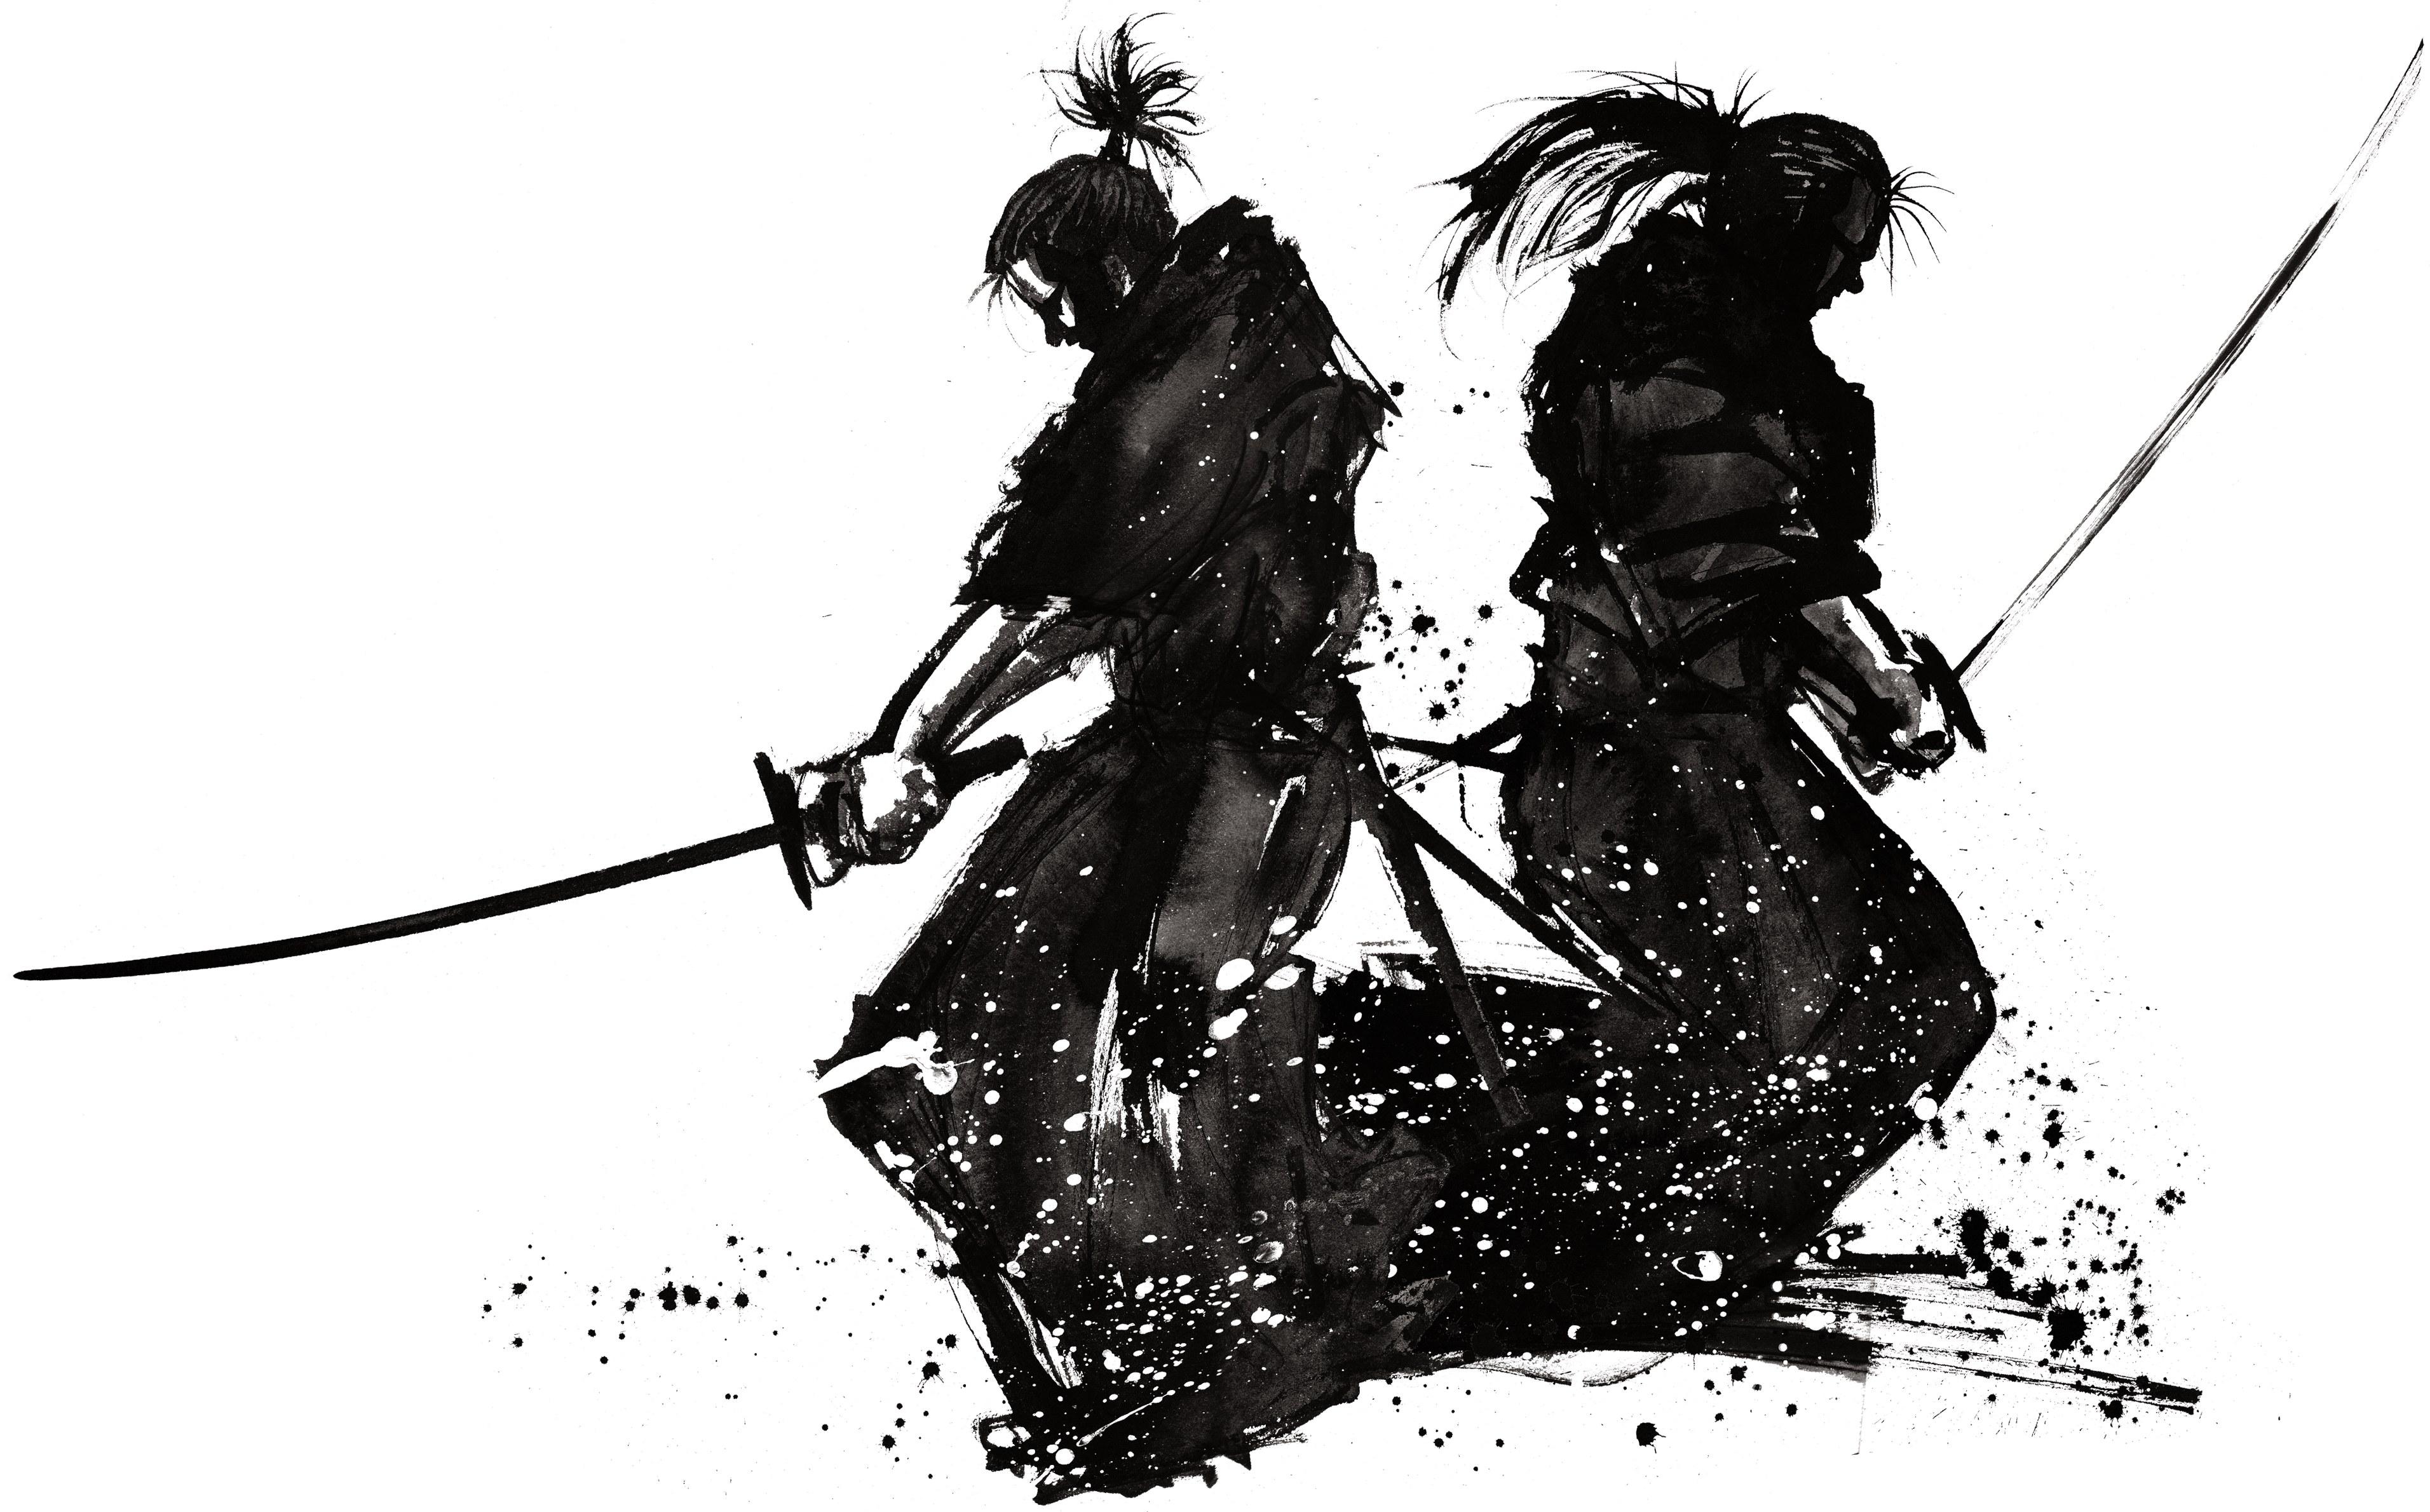 说了这么多,想不想一起来感受剑道的魅力?